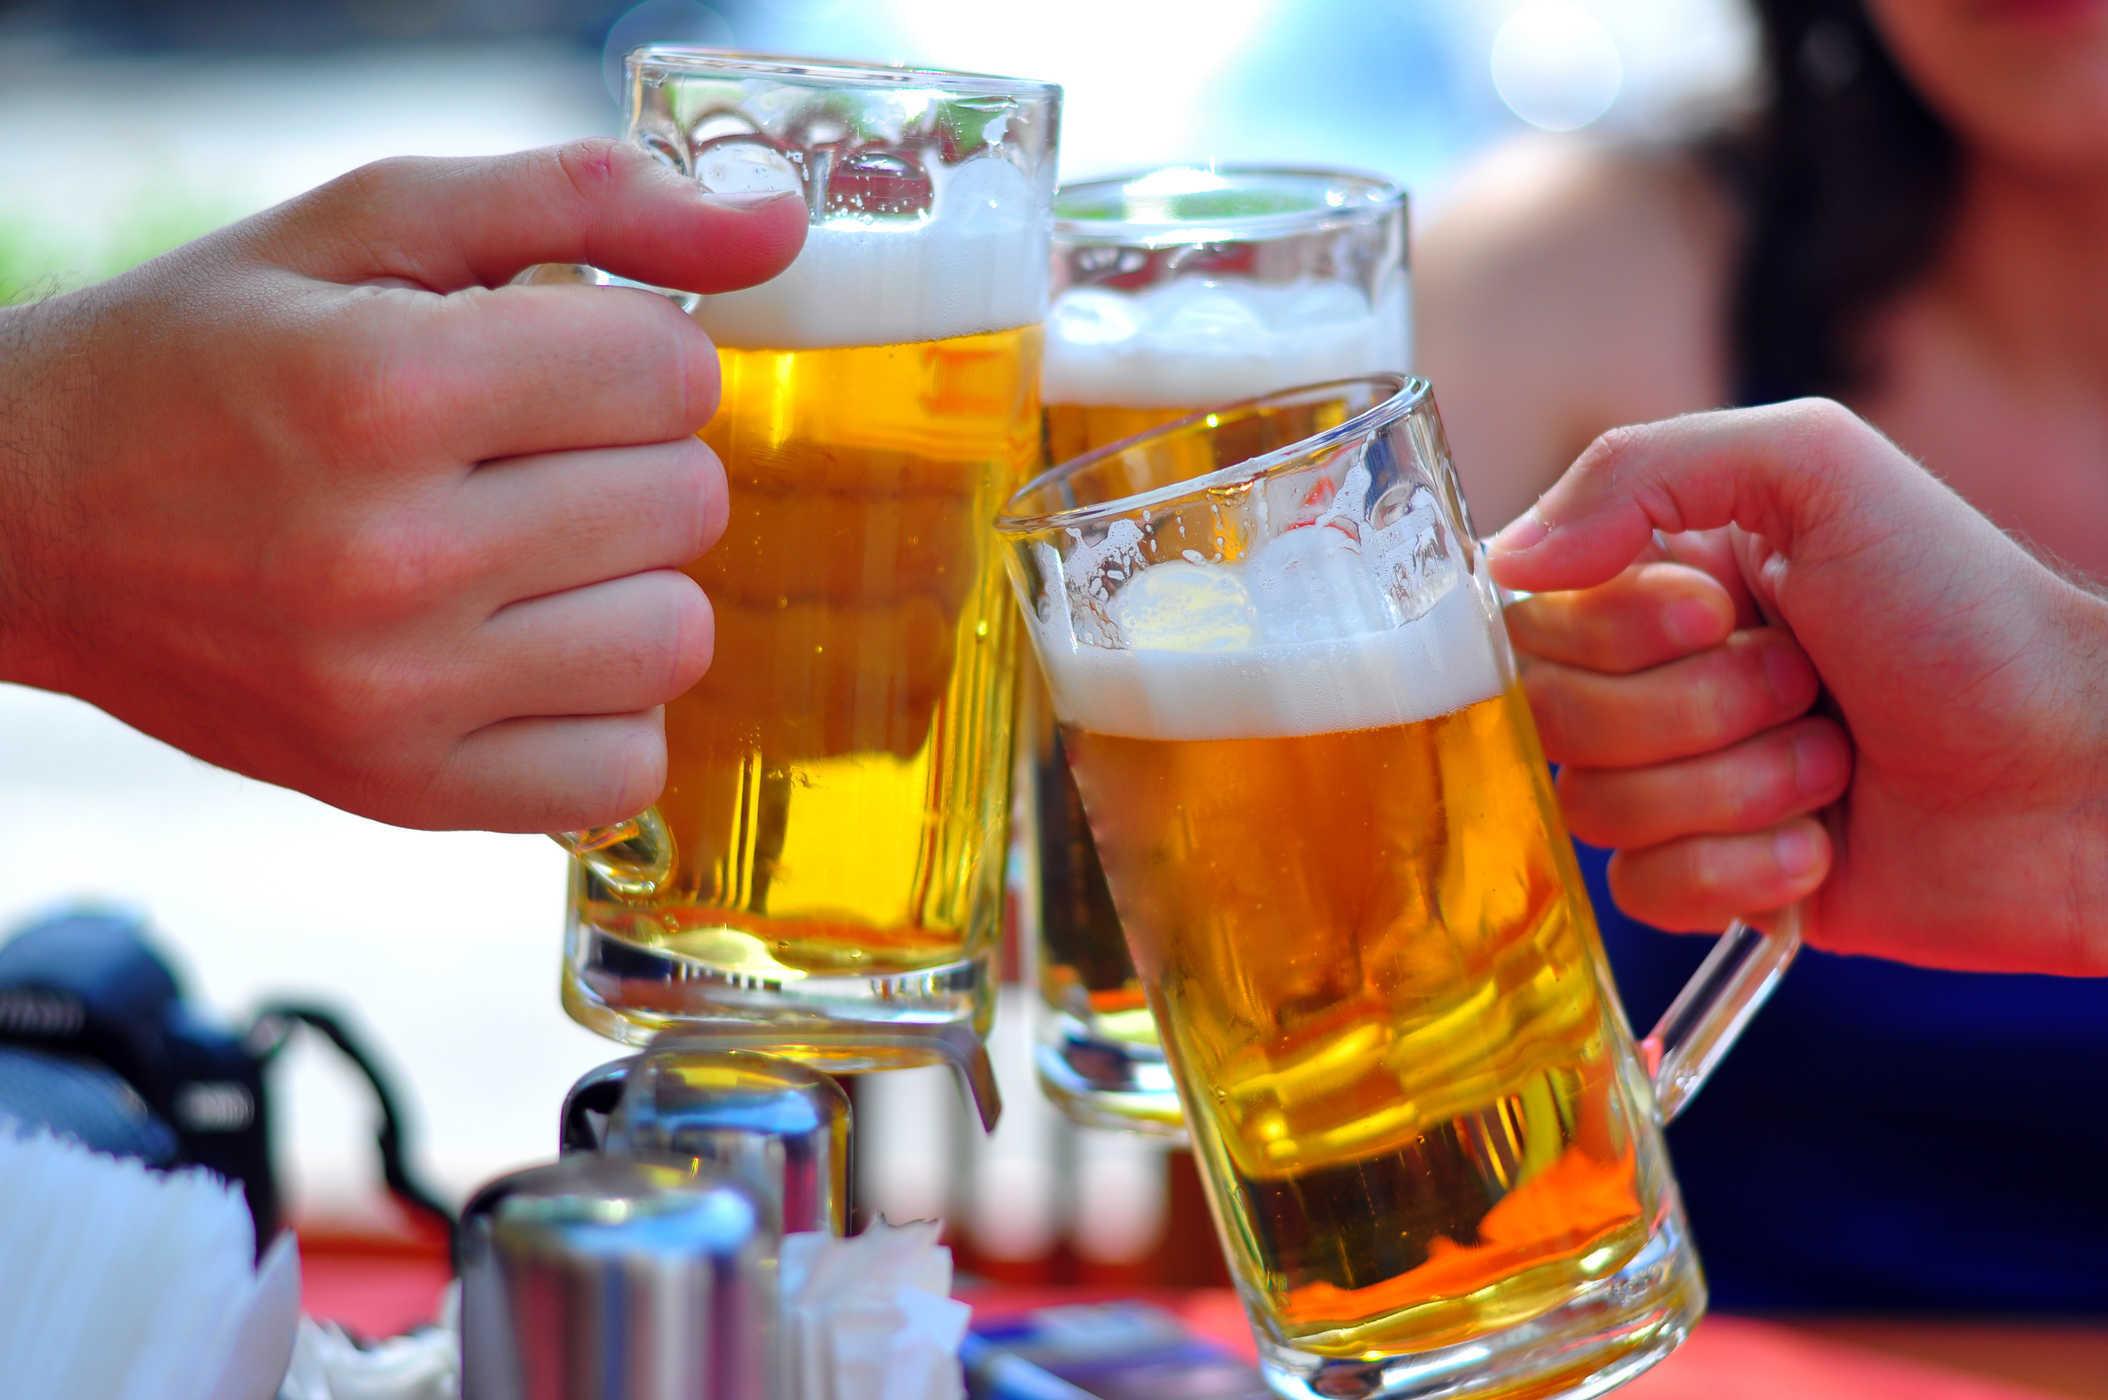 bia ruou - tác hại của rượu bia đối với thể hình